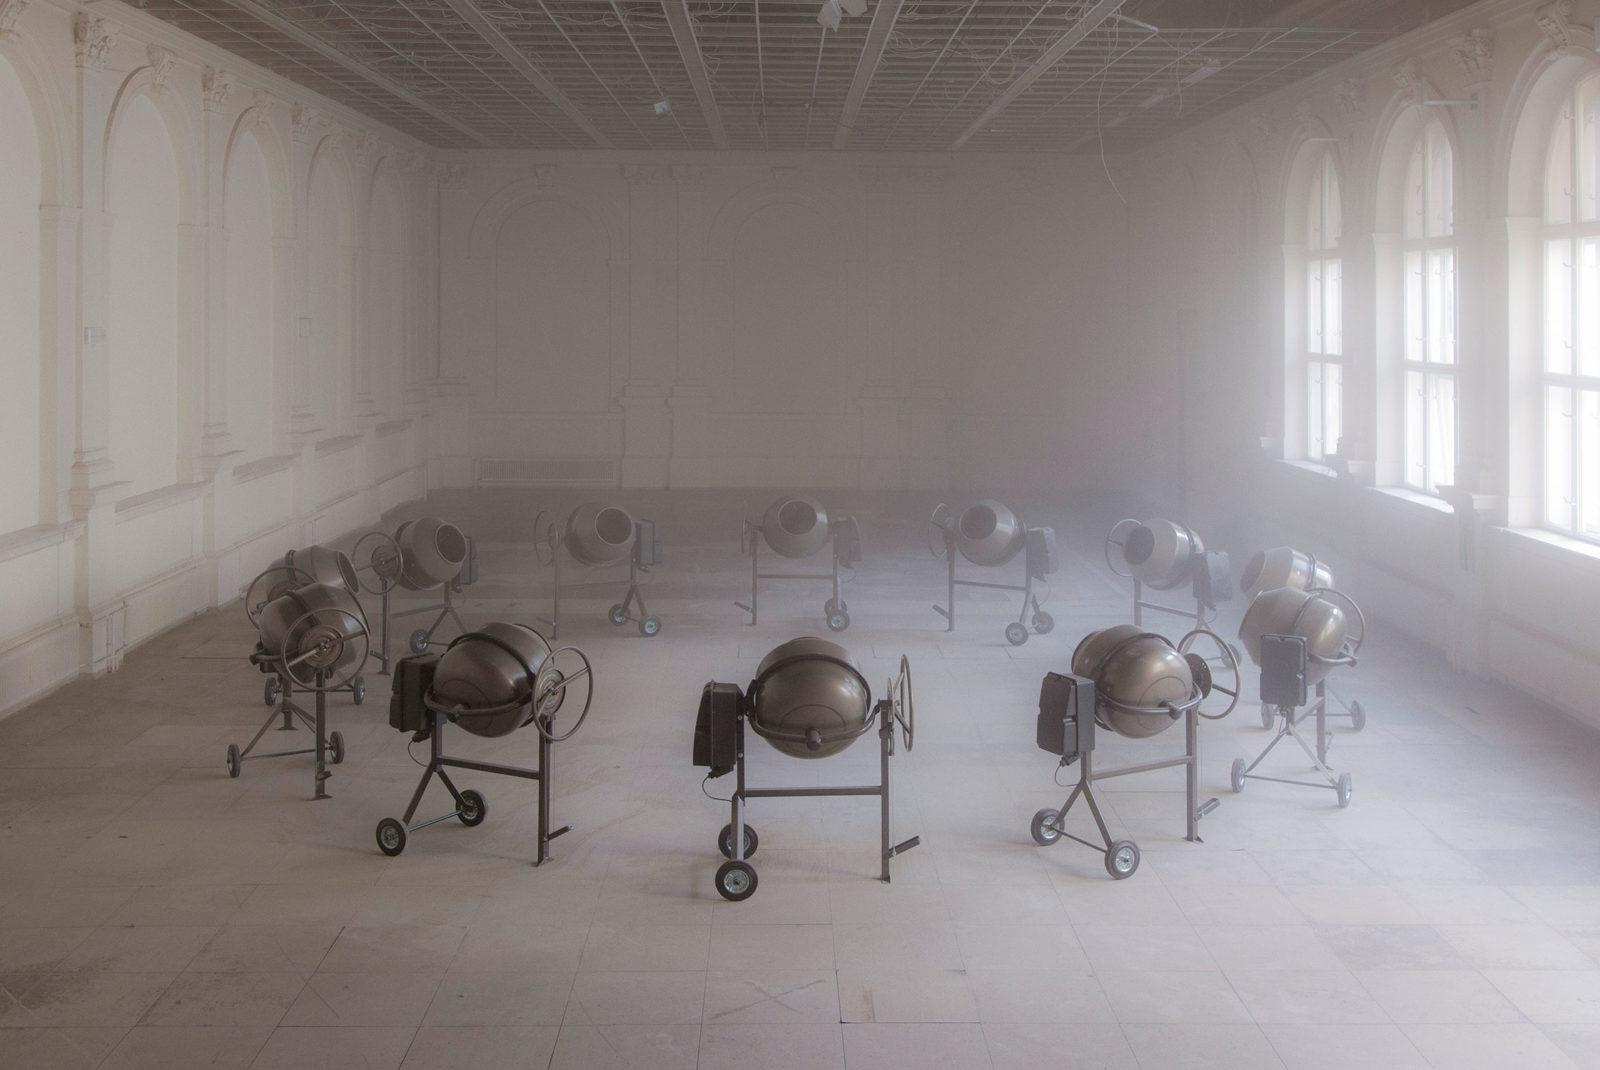 Julius von Bismarck & Julian Charriére, Clockwork, 2014, courtesy alexander levy, Berlin & DITTRICH & SCHLECHTRIEM, Berlin